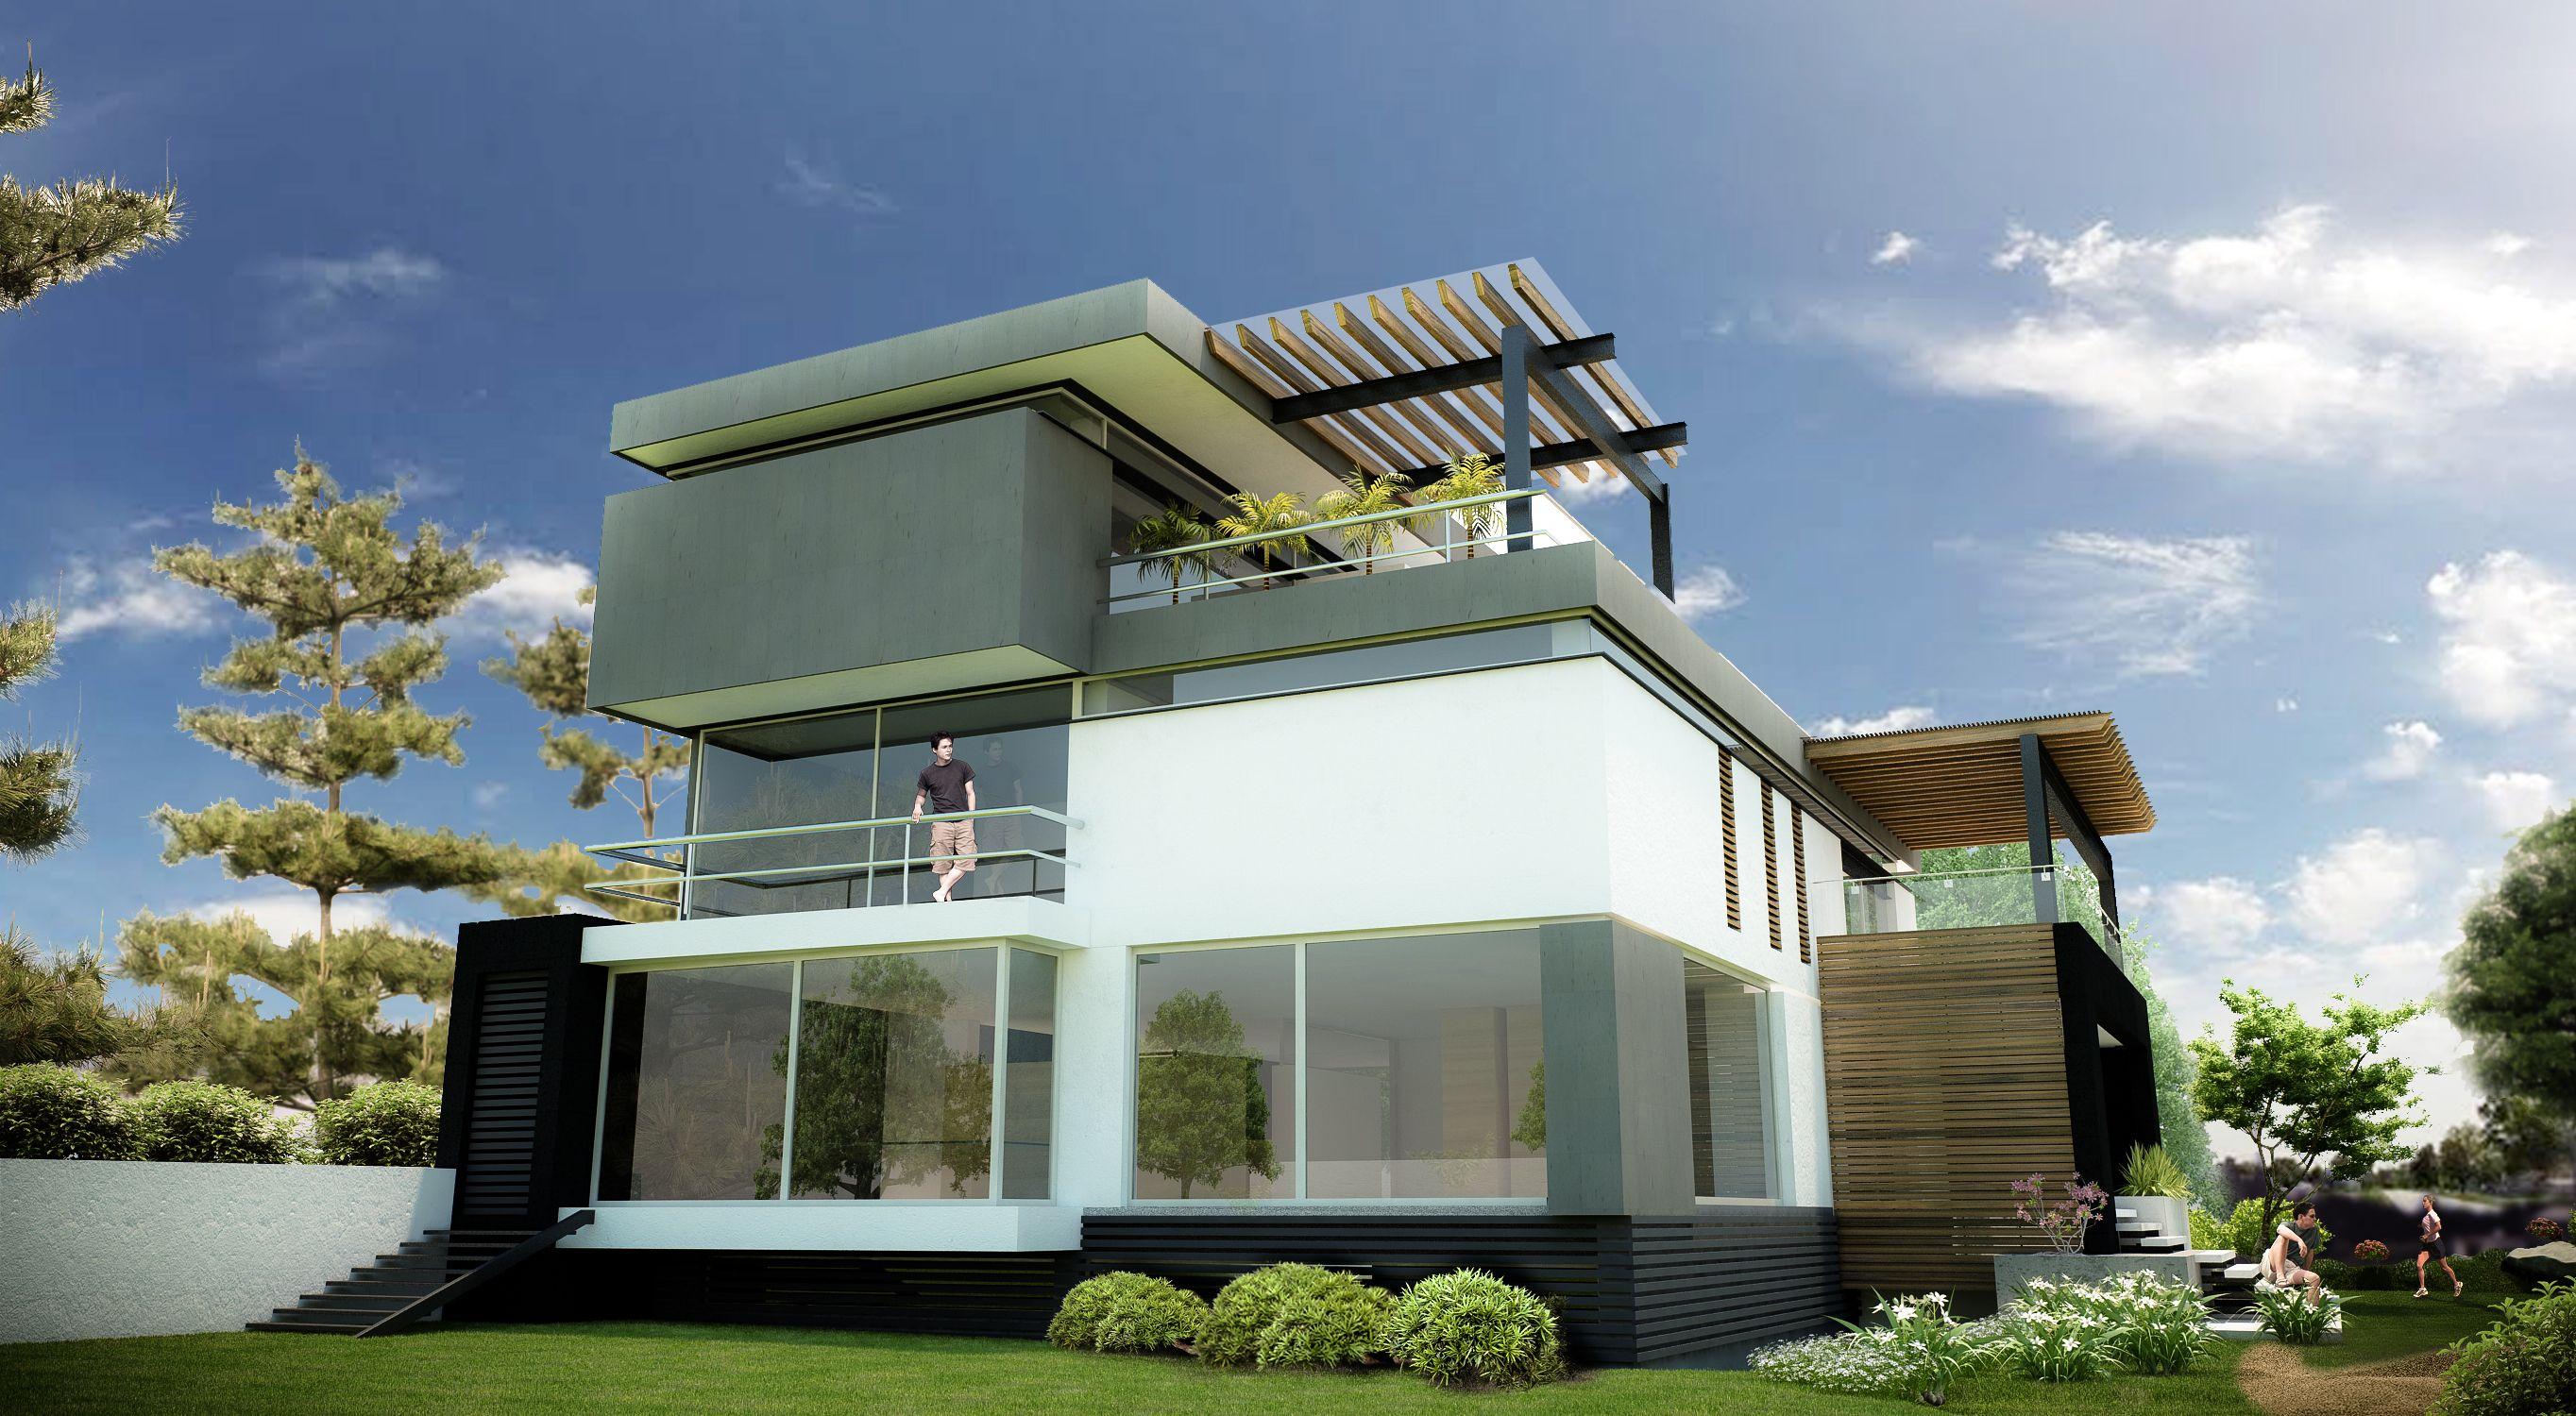 la casa 7 un dise o plastico de tendencia minimalista